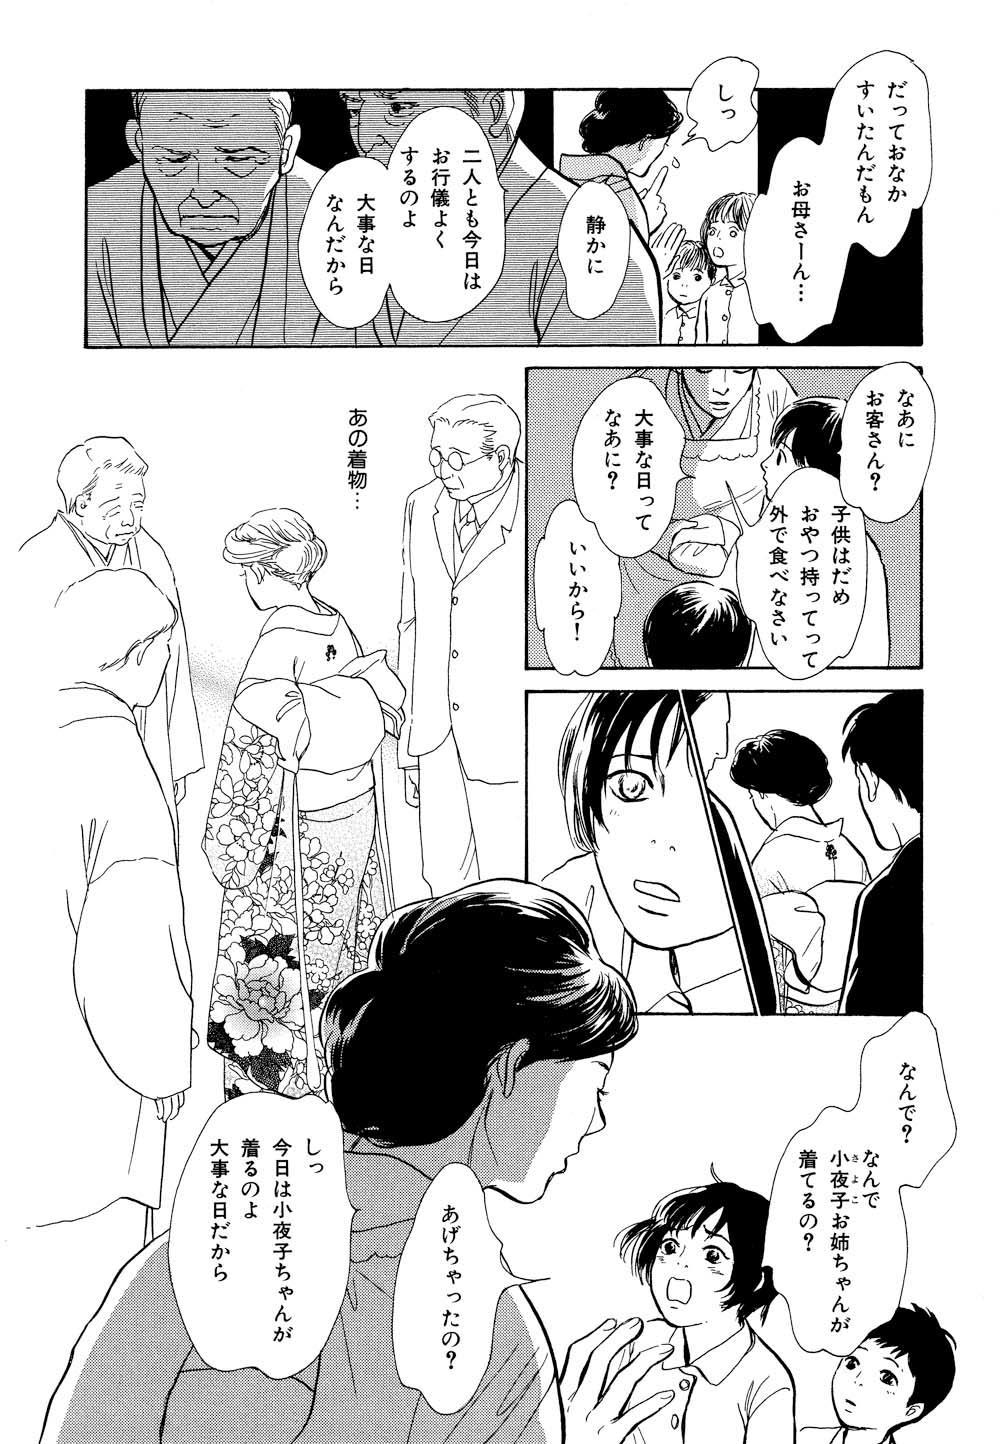 百鬼夜行抄_13_0074.jpg